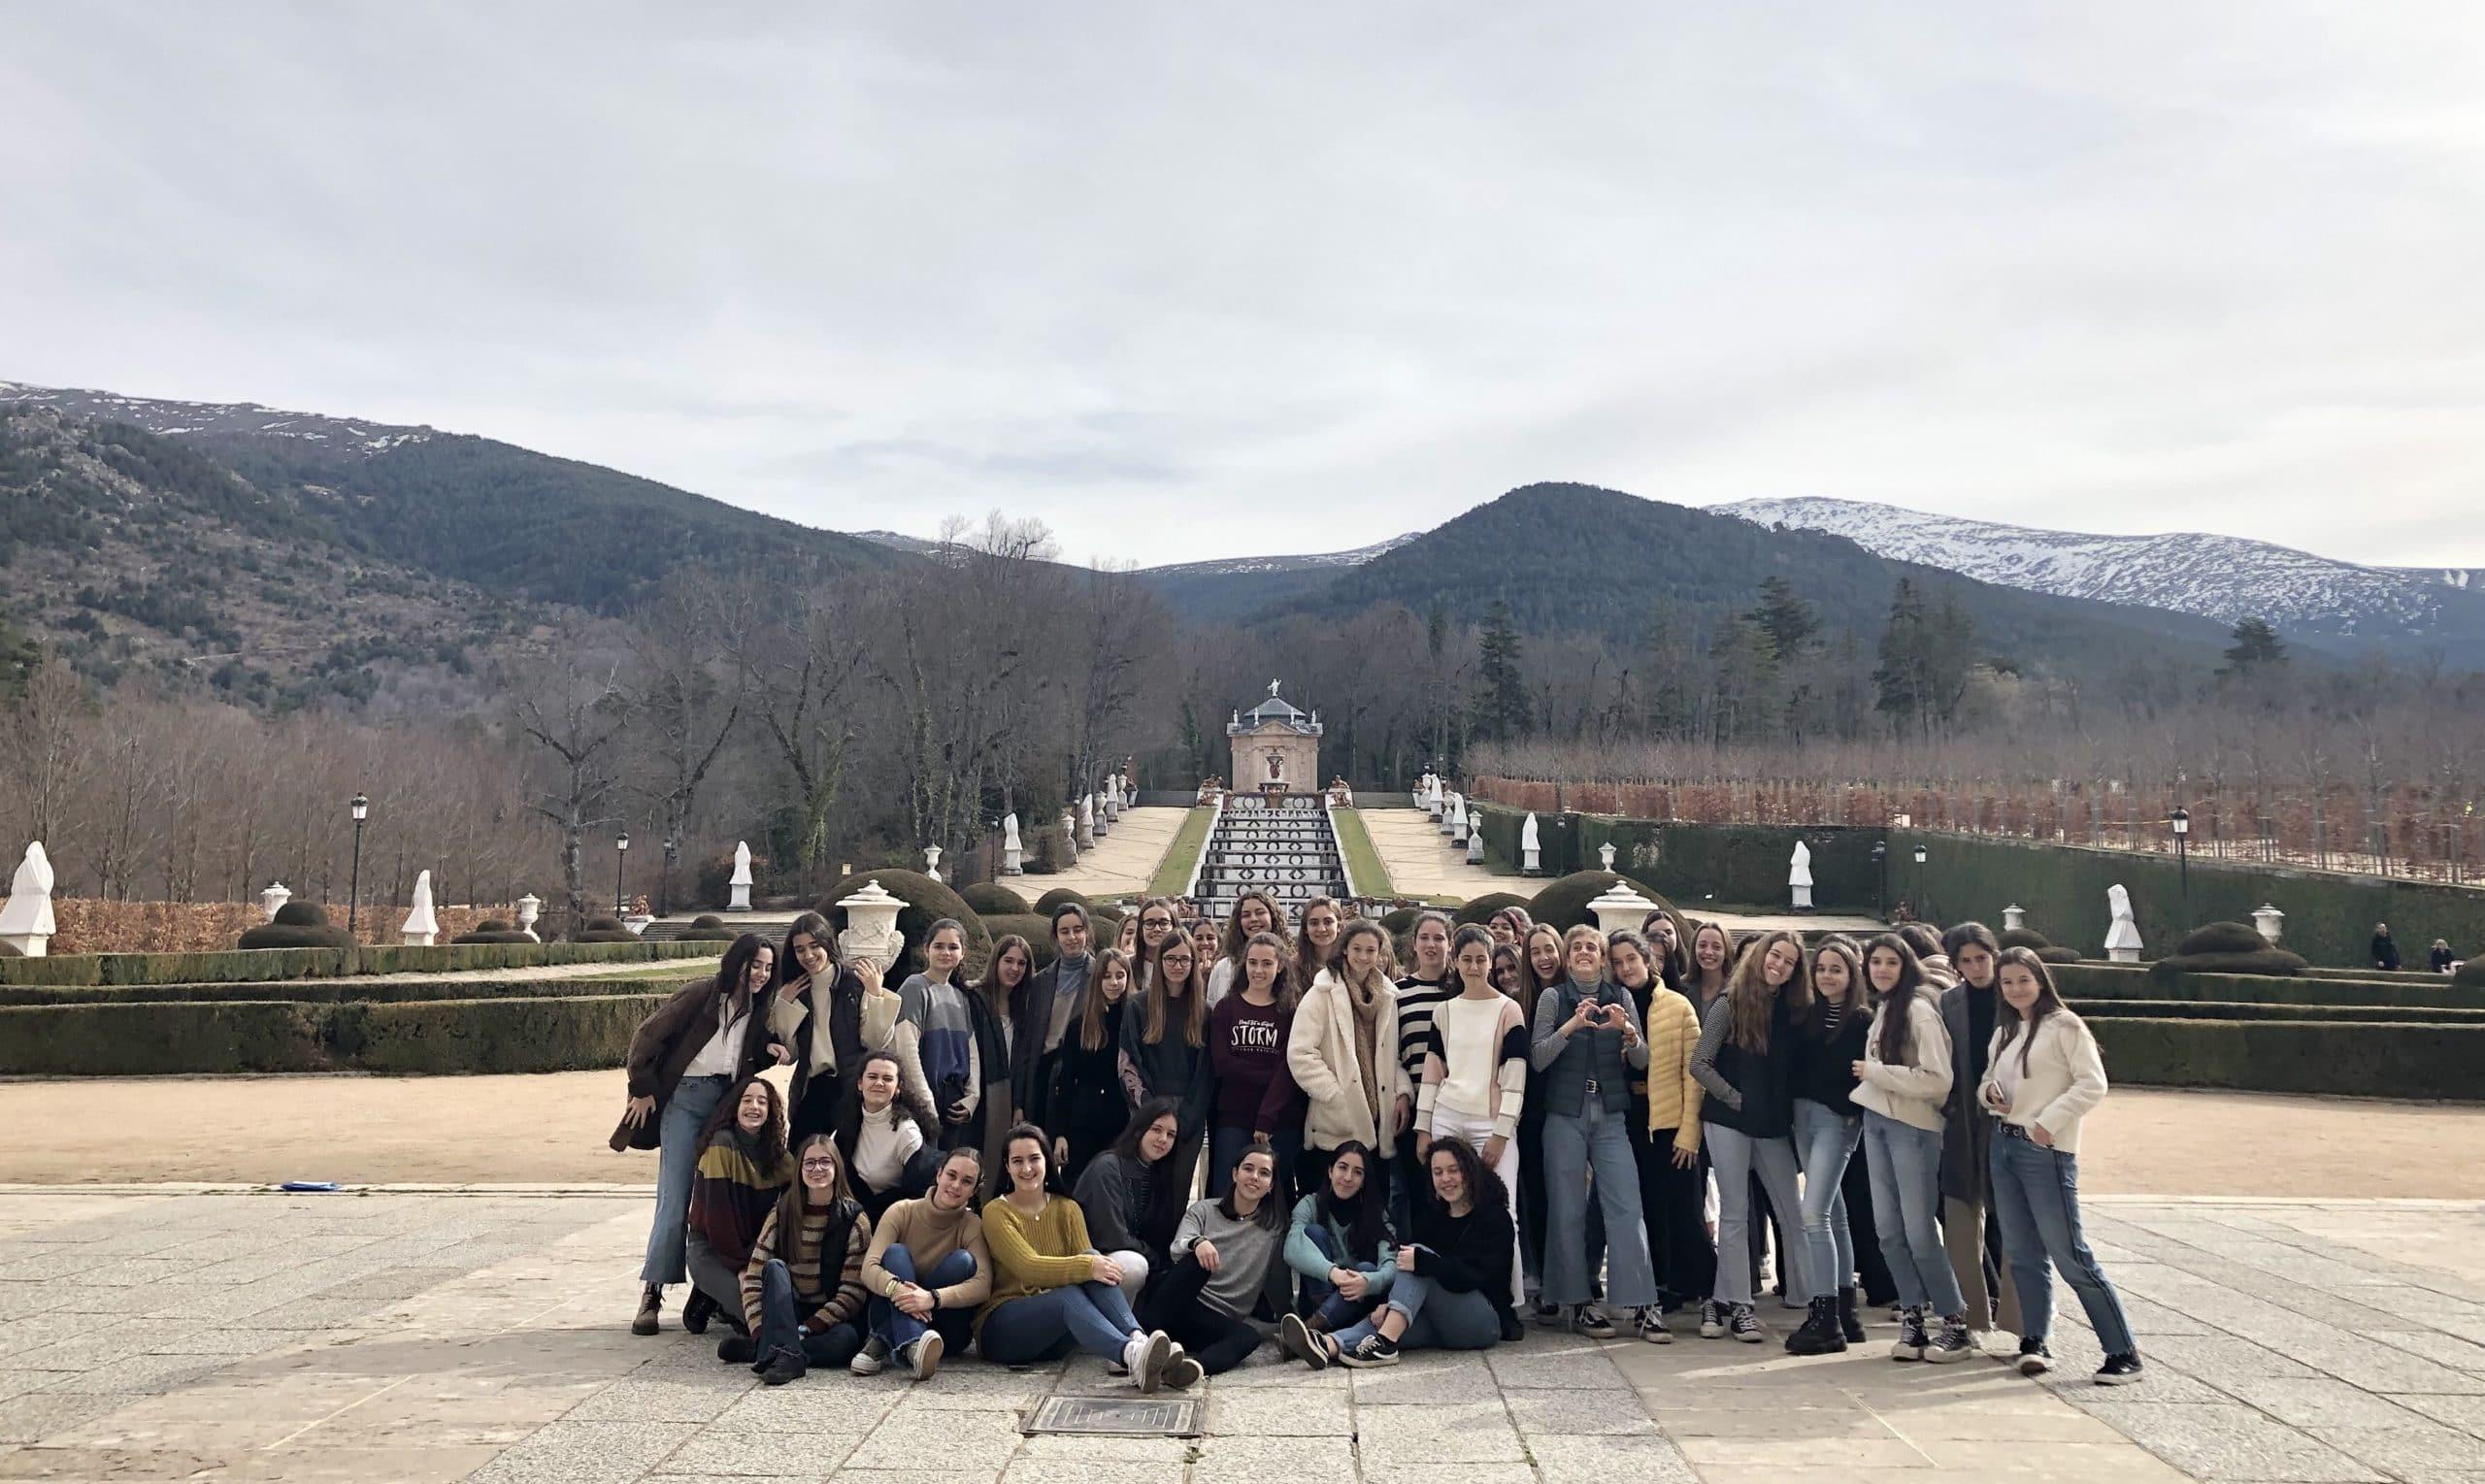 Visita cultural a la Granja de San Ildefonso